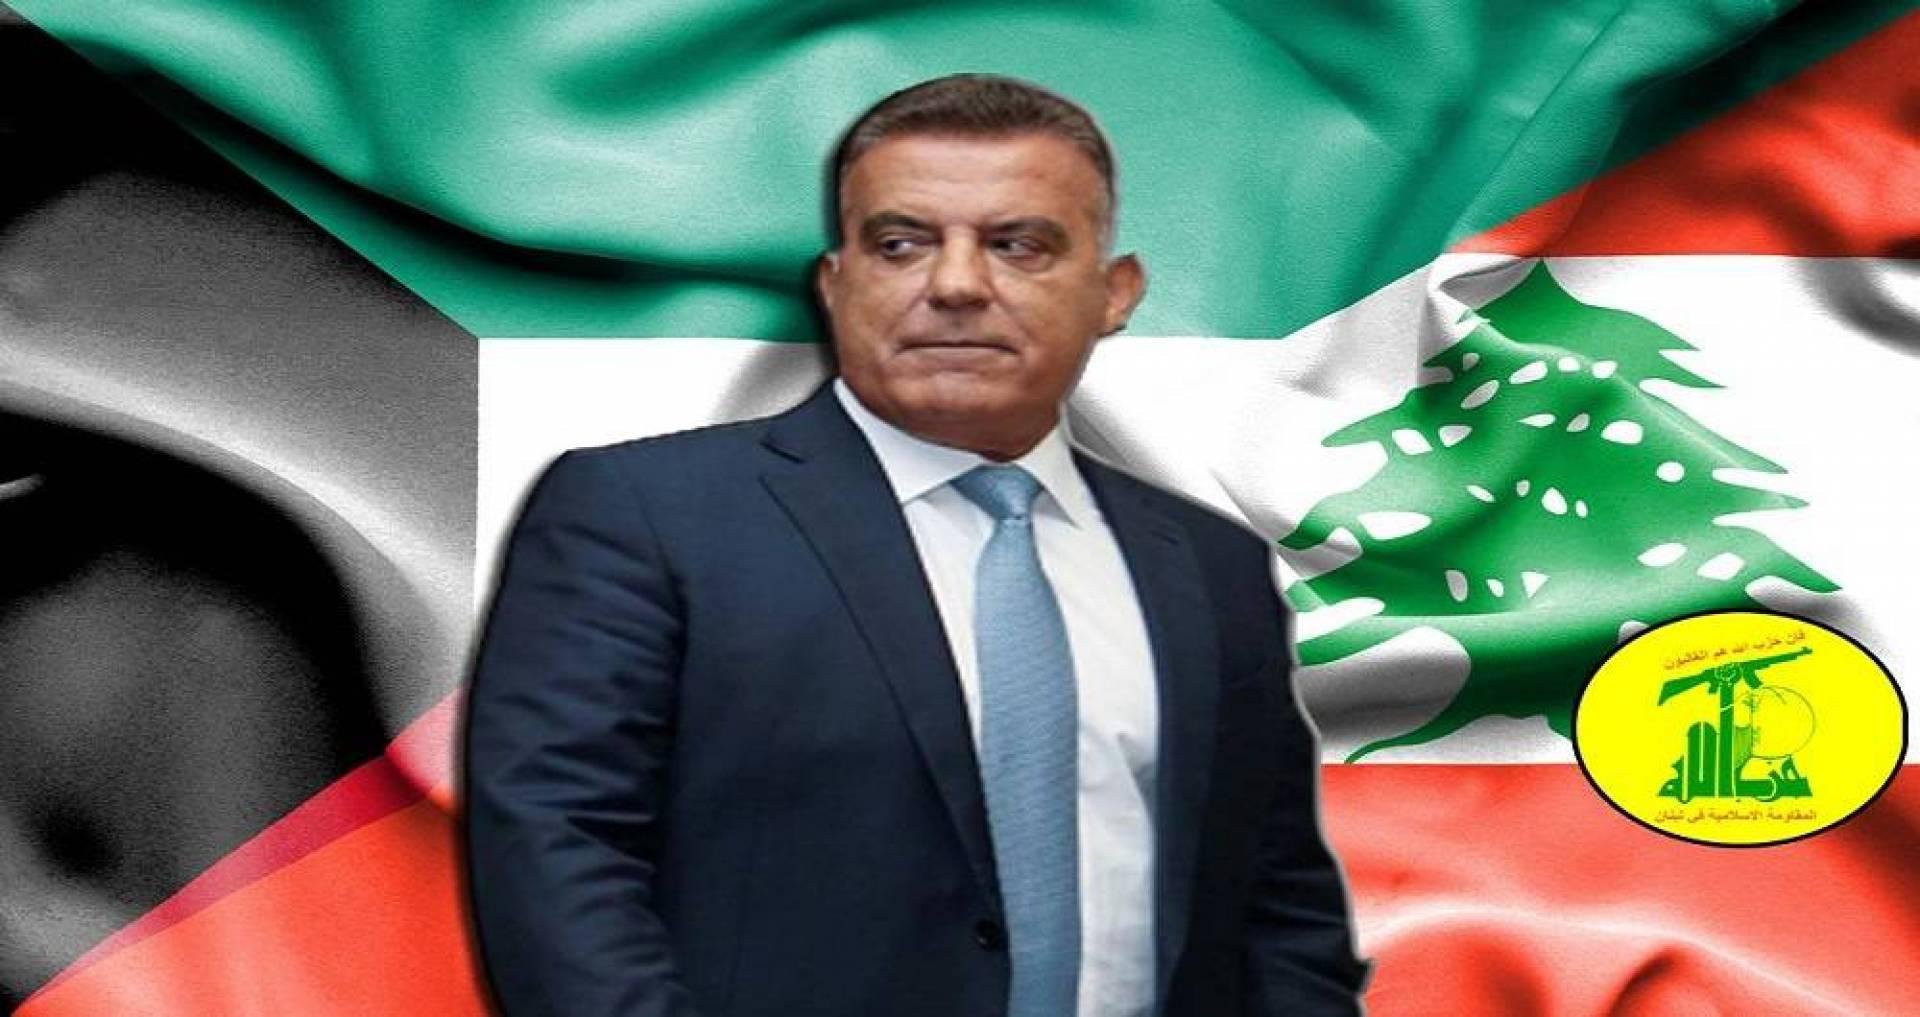 لبنان يطلب وساطة الكويت لإصلاح علاقاته بالعرب.. فهل يتعاون حزب الله؟!